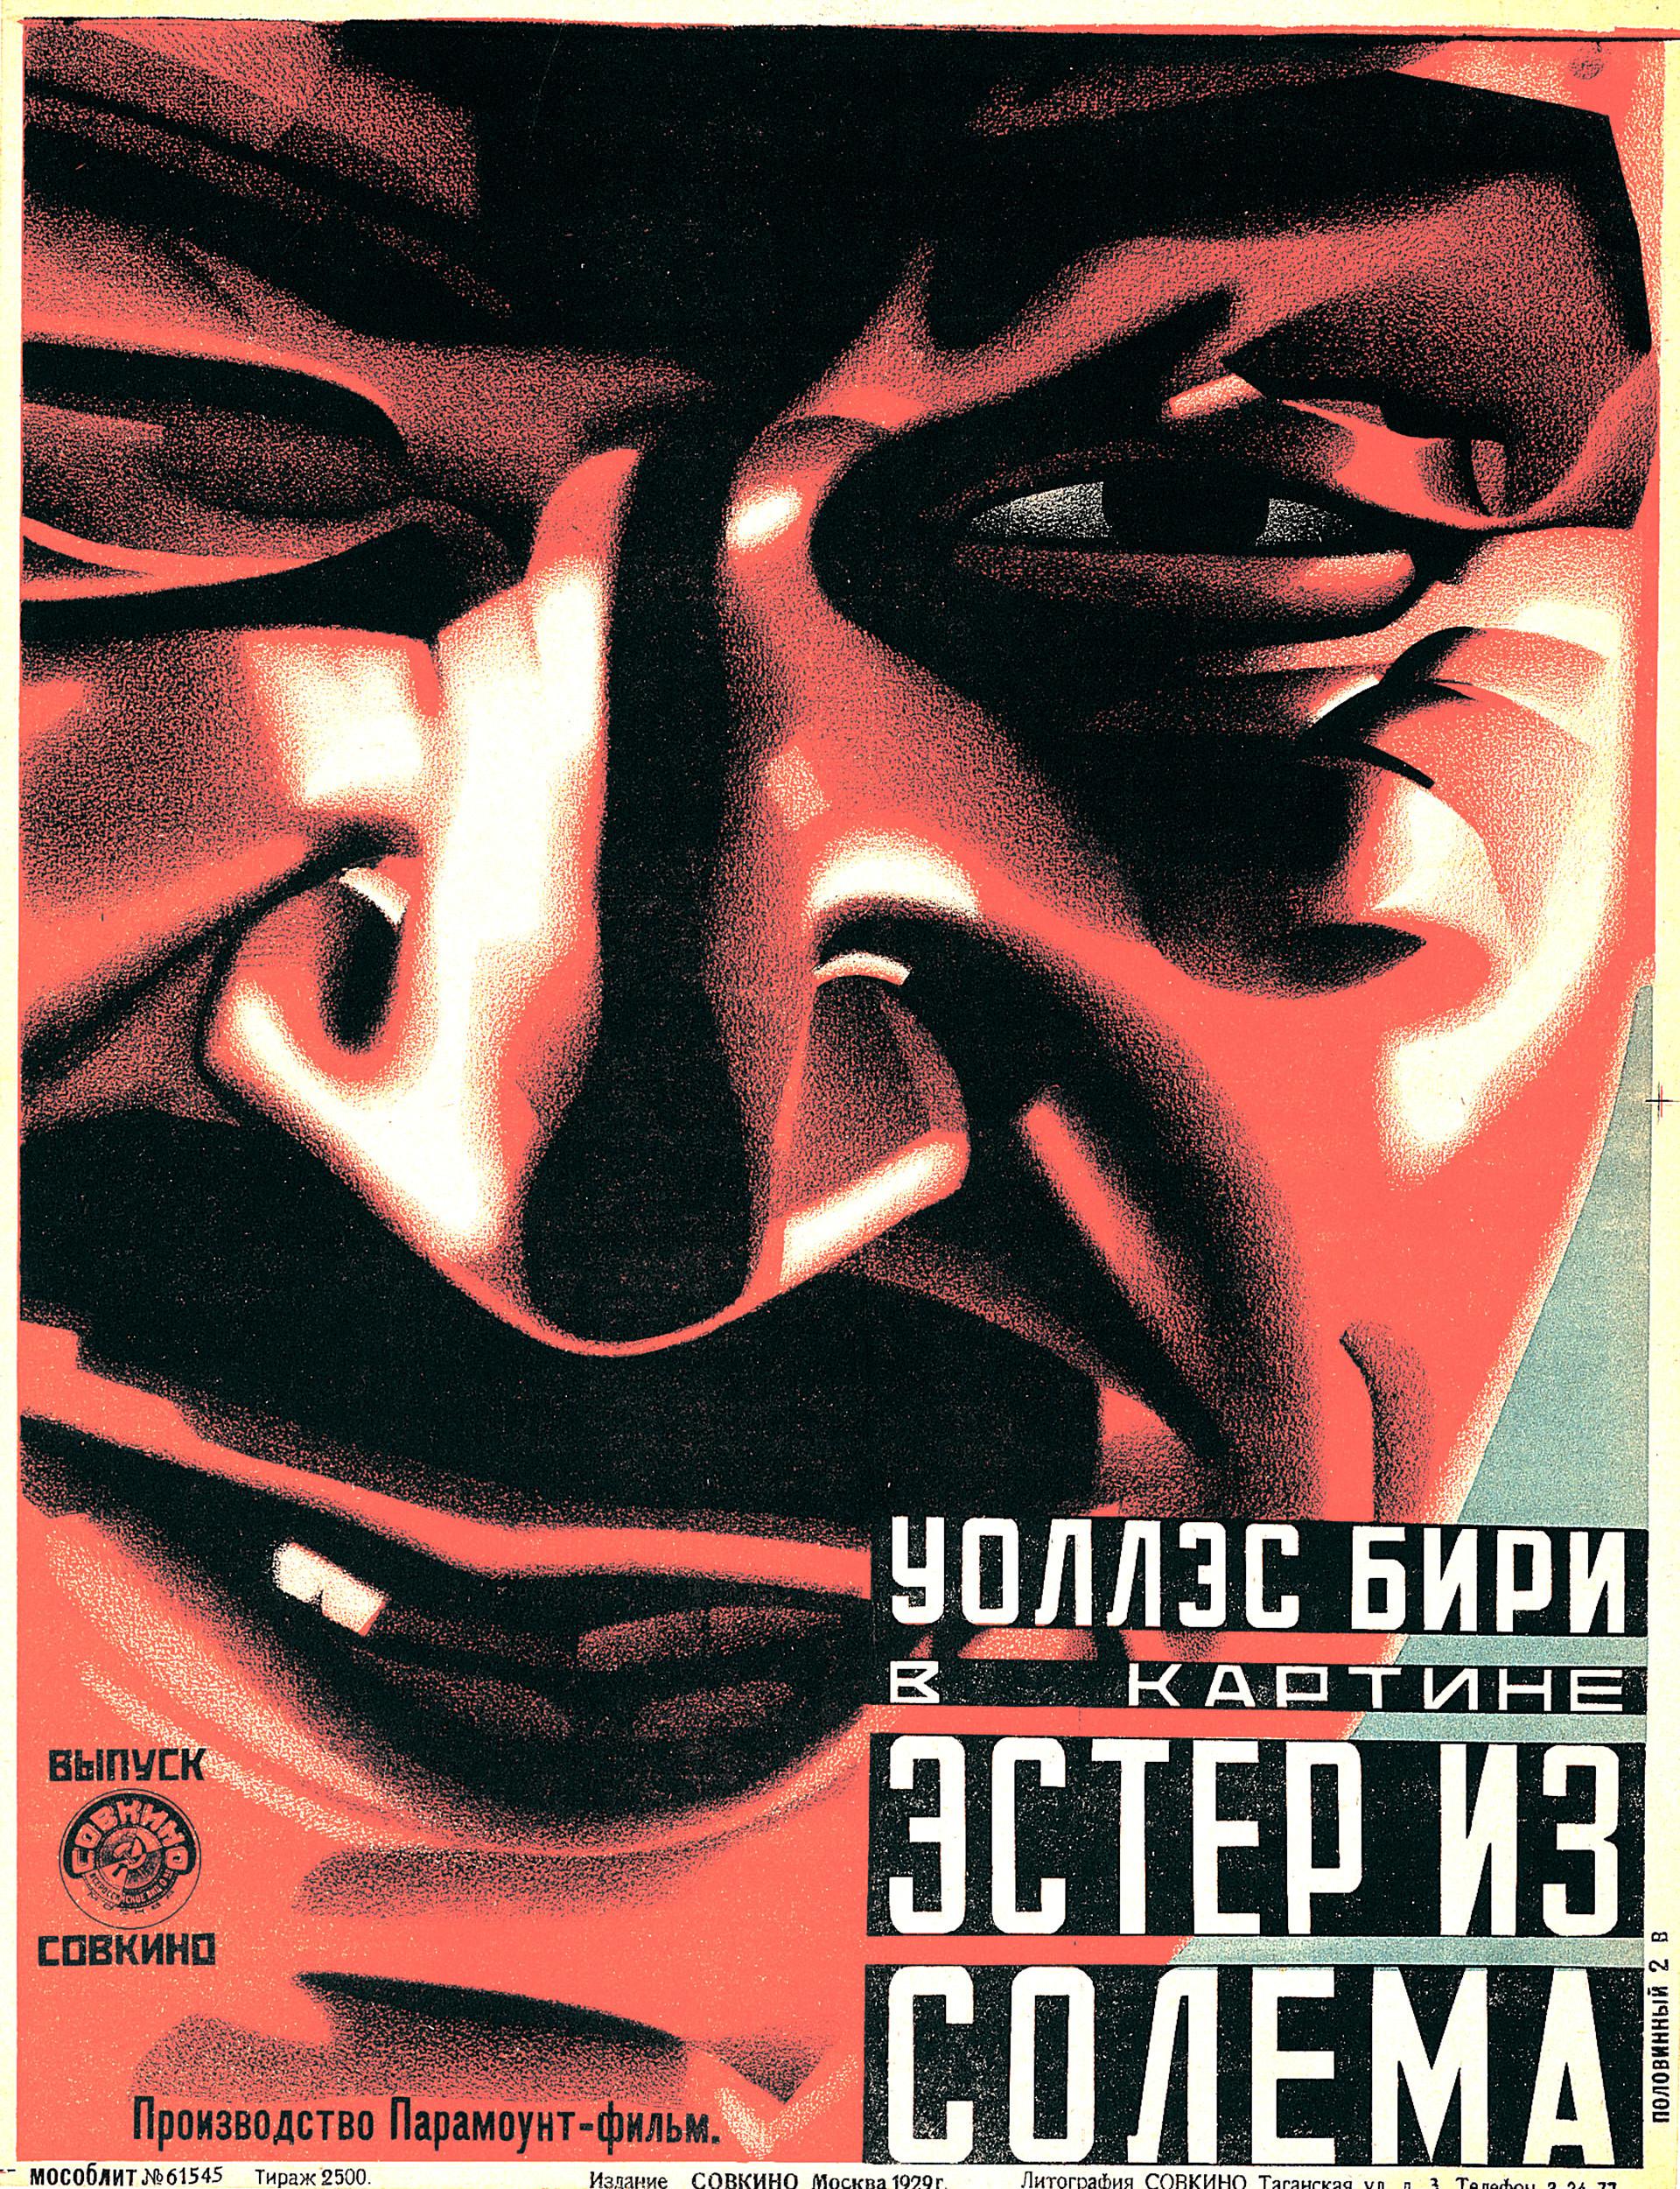 Anonimo, poster cinematografico di Ester iz Solema, 1929